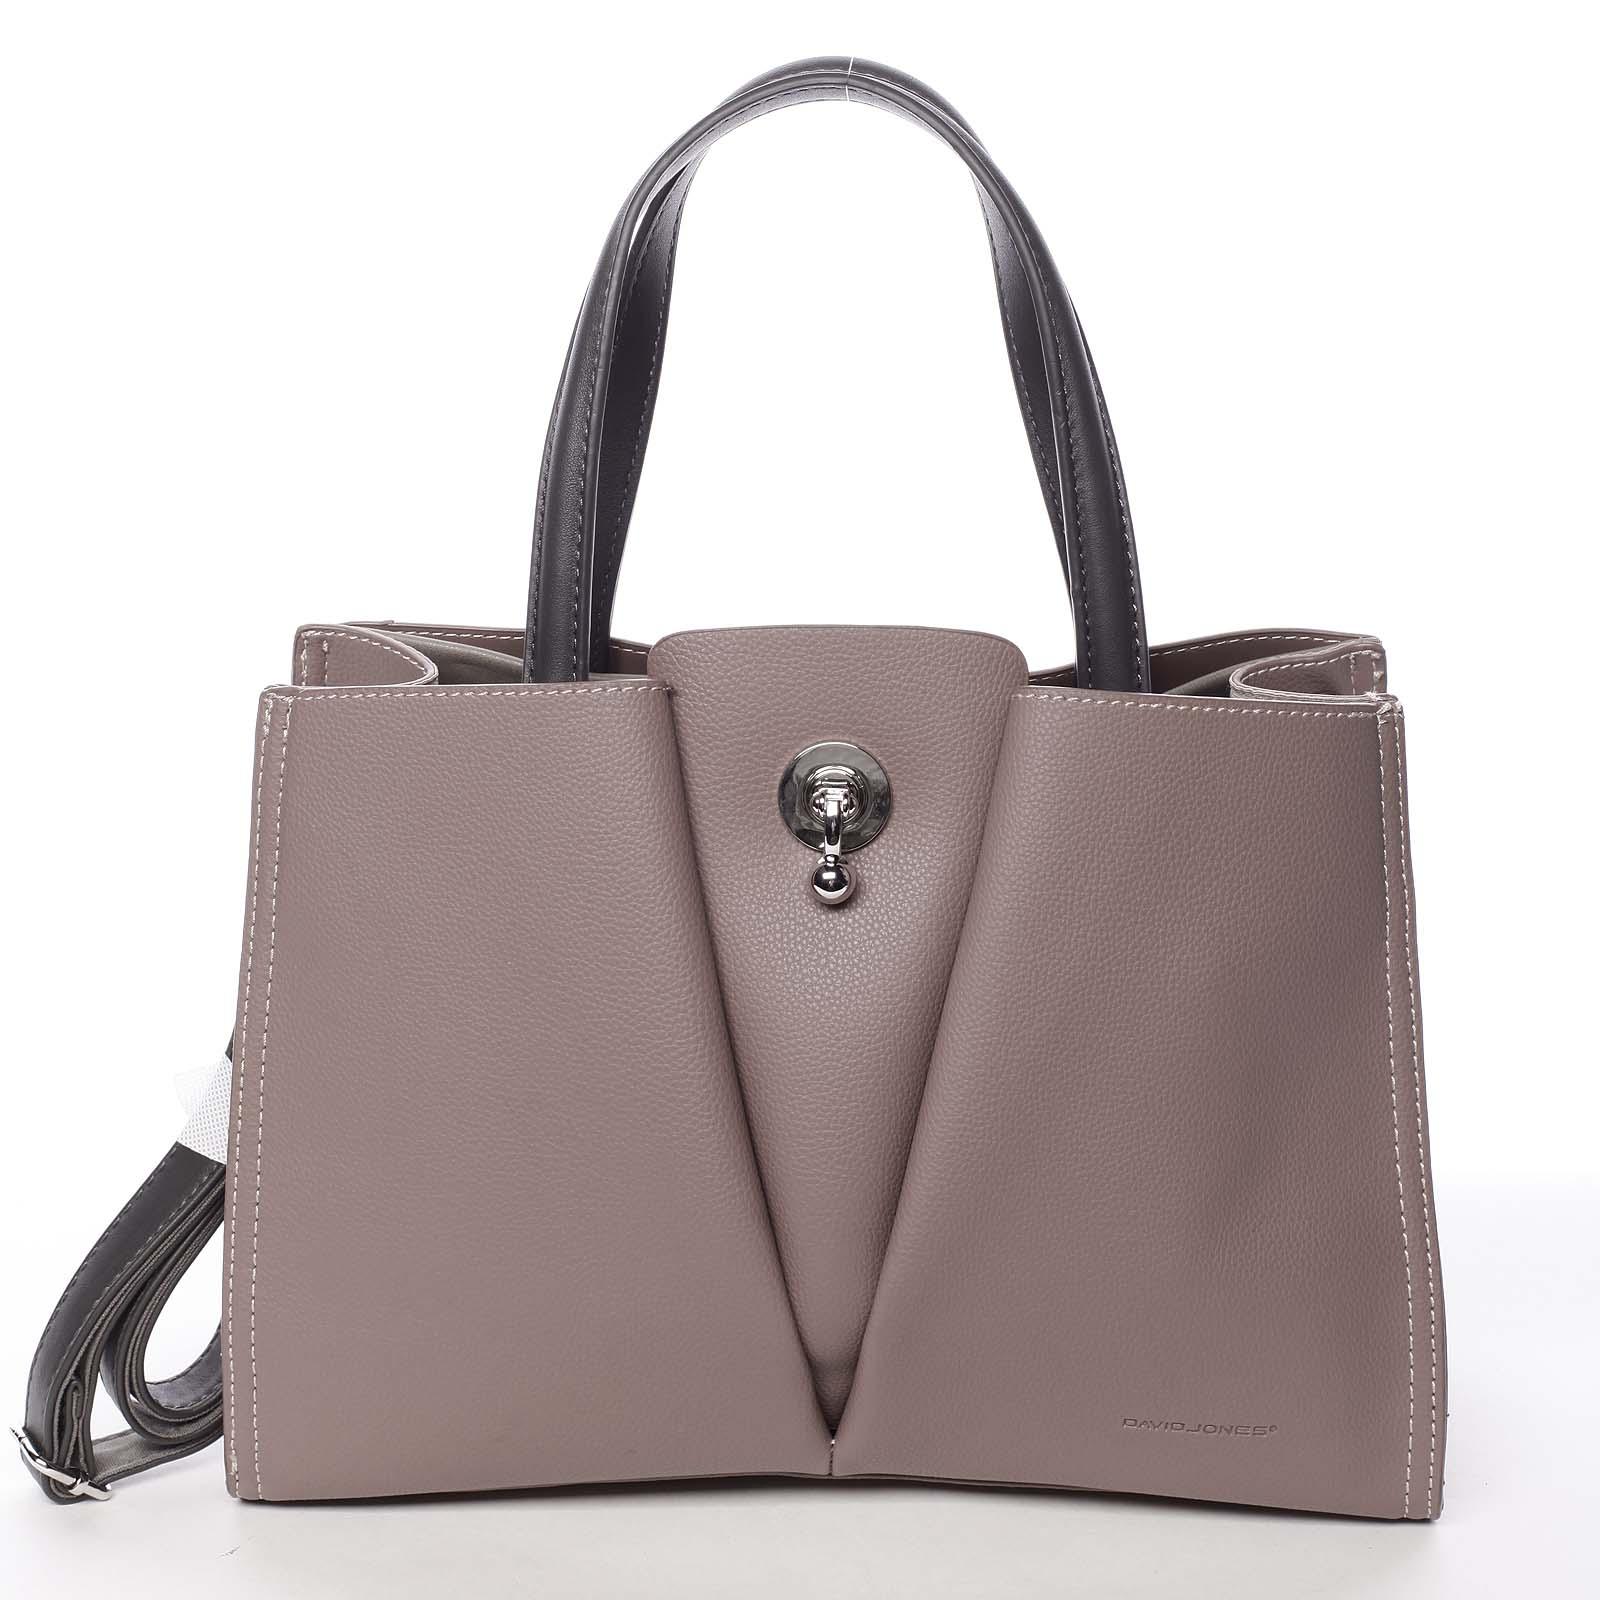 Luxusní dámská tmavě růžová kabelka do ruky - David Jones Aedon